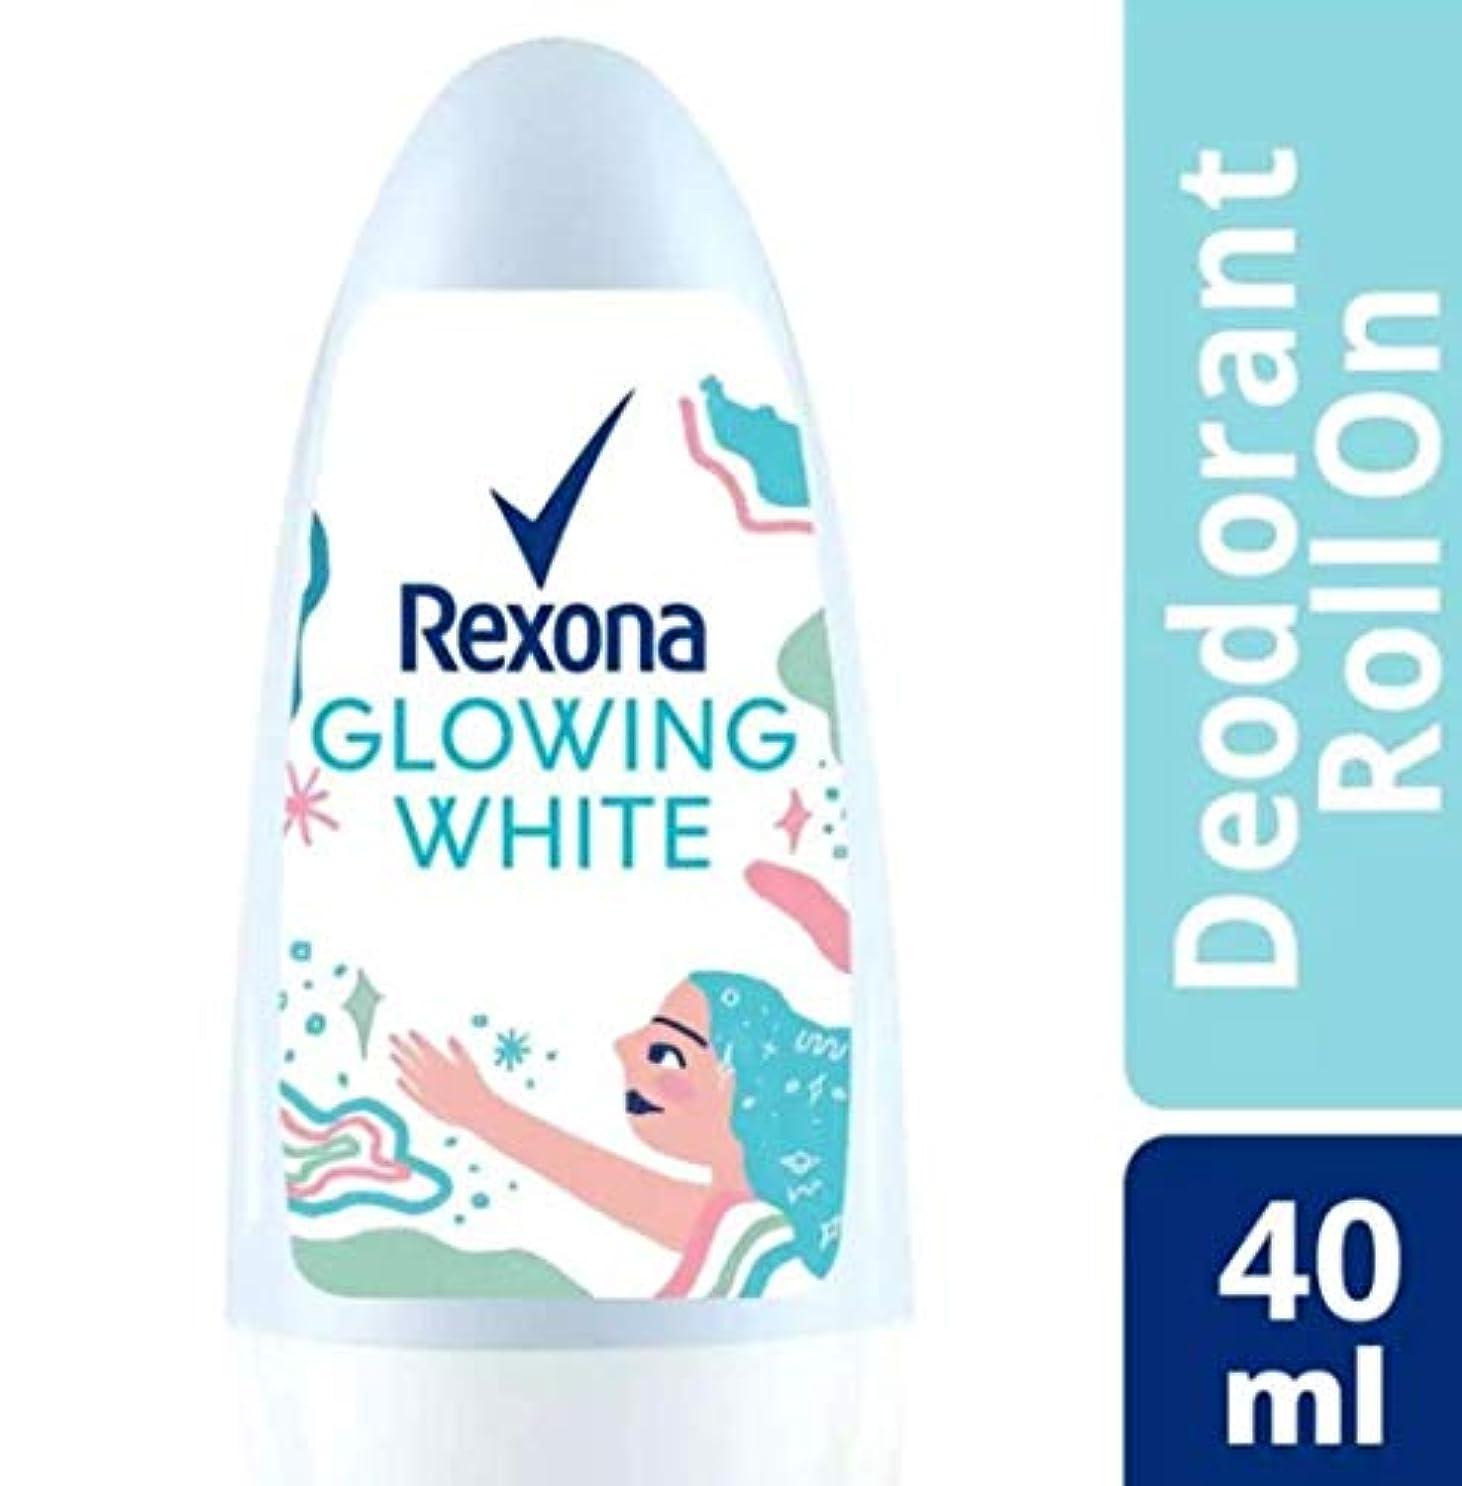 姿を消す姉妹大破Rexona レクソナ woman 制汗 デオドラント ロールオン GROWING WHITE【アルコール 0%】 ソフトなバラの香り 40ml [並行輸入品]